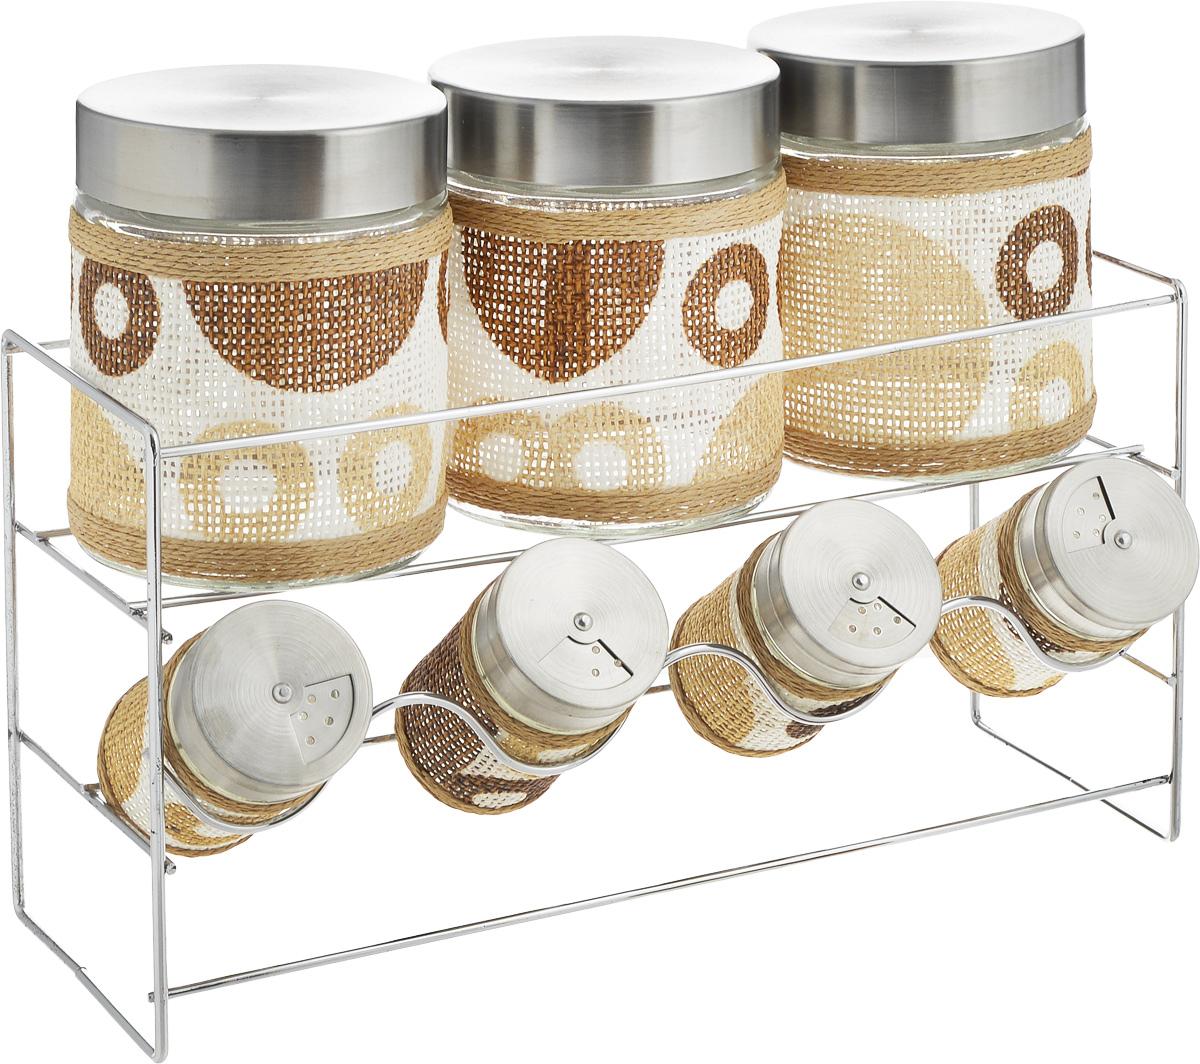 Набор банок для сыпучих продуктов и специй Patricia Круги, с подставкой, 8 предметов. IM99-3906IM99-3906Набор Patricia Круги состоит из 4 банок для специй и 3 для сыпучих продуктов. Банки выполнены из высококачественного стекла и декорированы оригинальной вставкой. Крышки, выполненные из металла, плотно закрываются и предотвращают высыпание специй. Имеются регулируемые отверстия, с помощью которых можно обильно или слегка приправить блюдо. Баночки идеально подойдут для соли, перца и других специй. Изделия размещаются на специальной подставке. Оригинальный набор эффектно украсит интерьер кухни, а также станет незаменимым помощником в приготовлении ваших любимых блюд. С таким набором специи надолго сохранят свежесть, аромат и пряный вкус. Не рекомендуется мыть в посудомоечной машине и использовать в микроволновой печи. Высота баночек (с учетом крышек): 8,5 см, 12,5 см. Диаметр баночек: 3,5 см, 8 см. Размер подставки: 32 х 11 х 17 см.